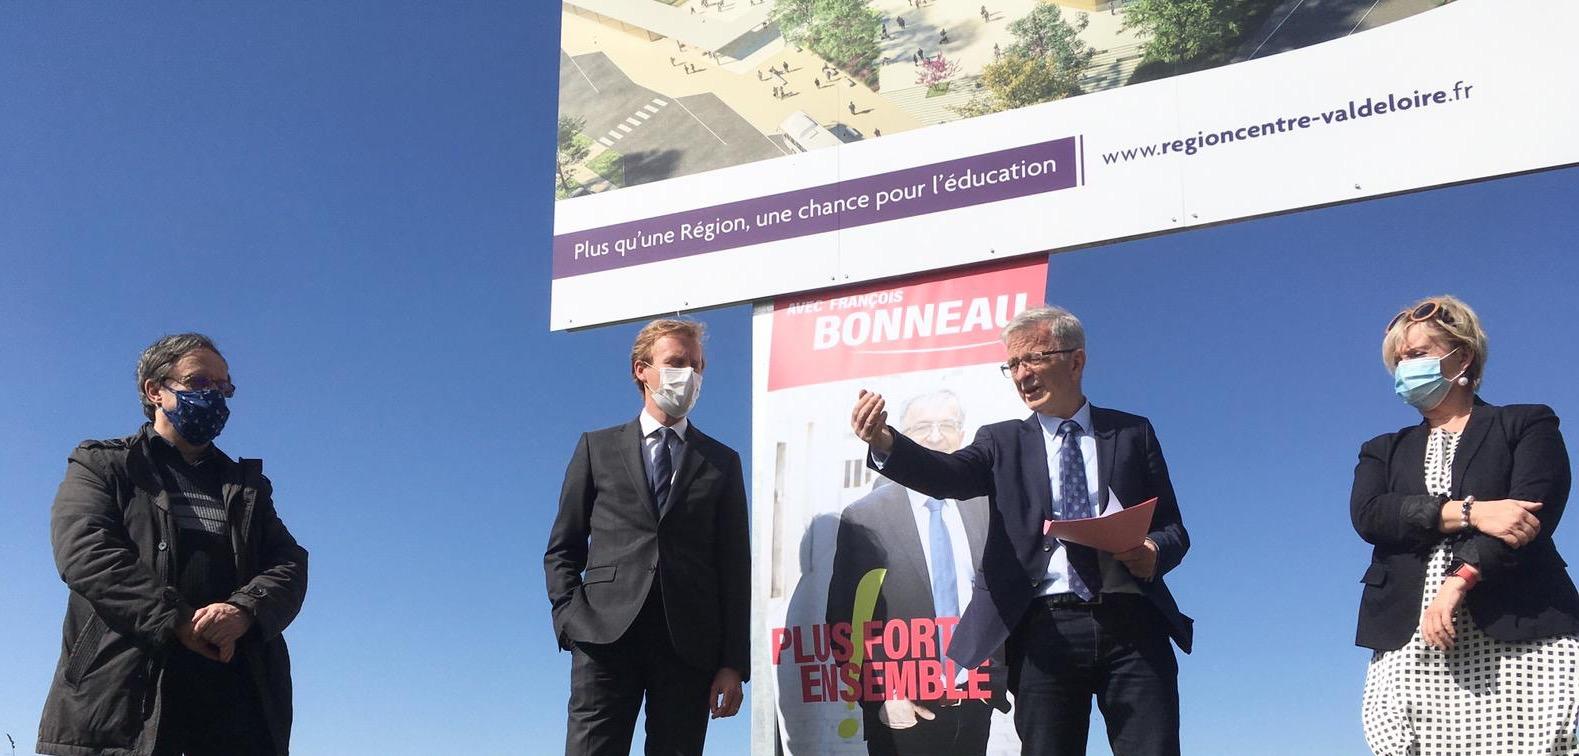 En Eure-et Loir, Harold Huwart et Michèle Bonthoux désignés  têtes de liste «Plus Fort, Ensemble!»